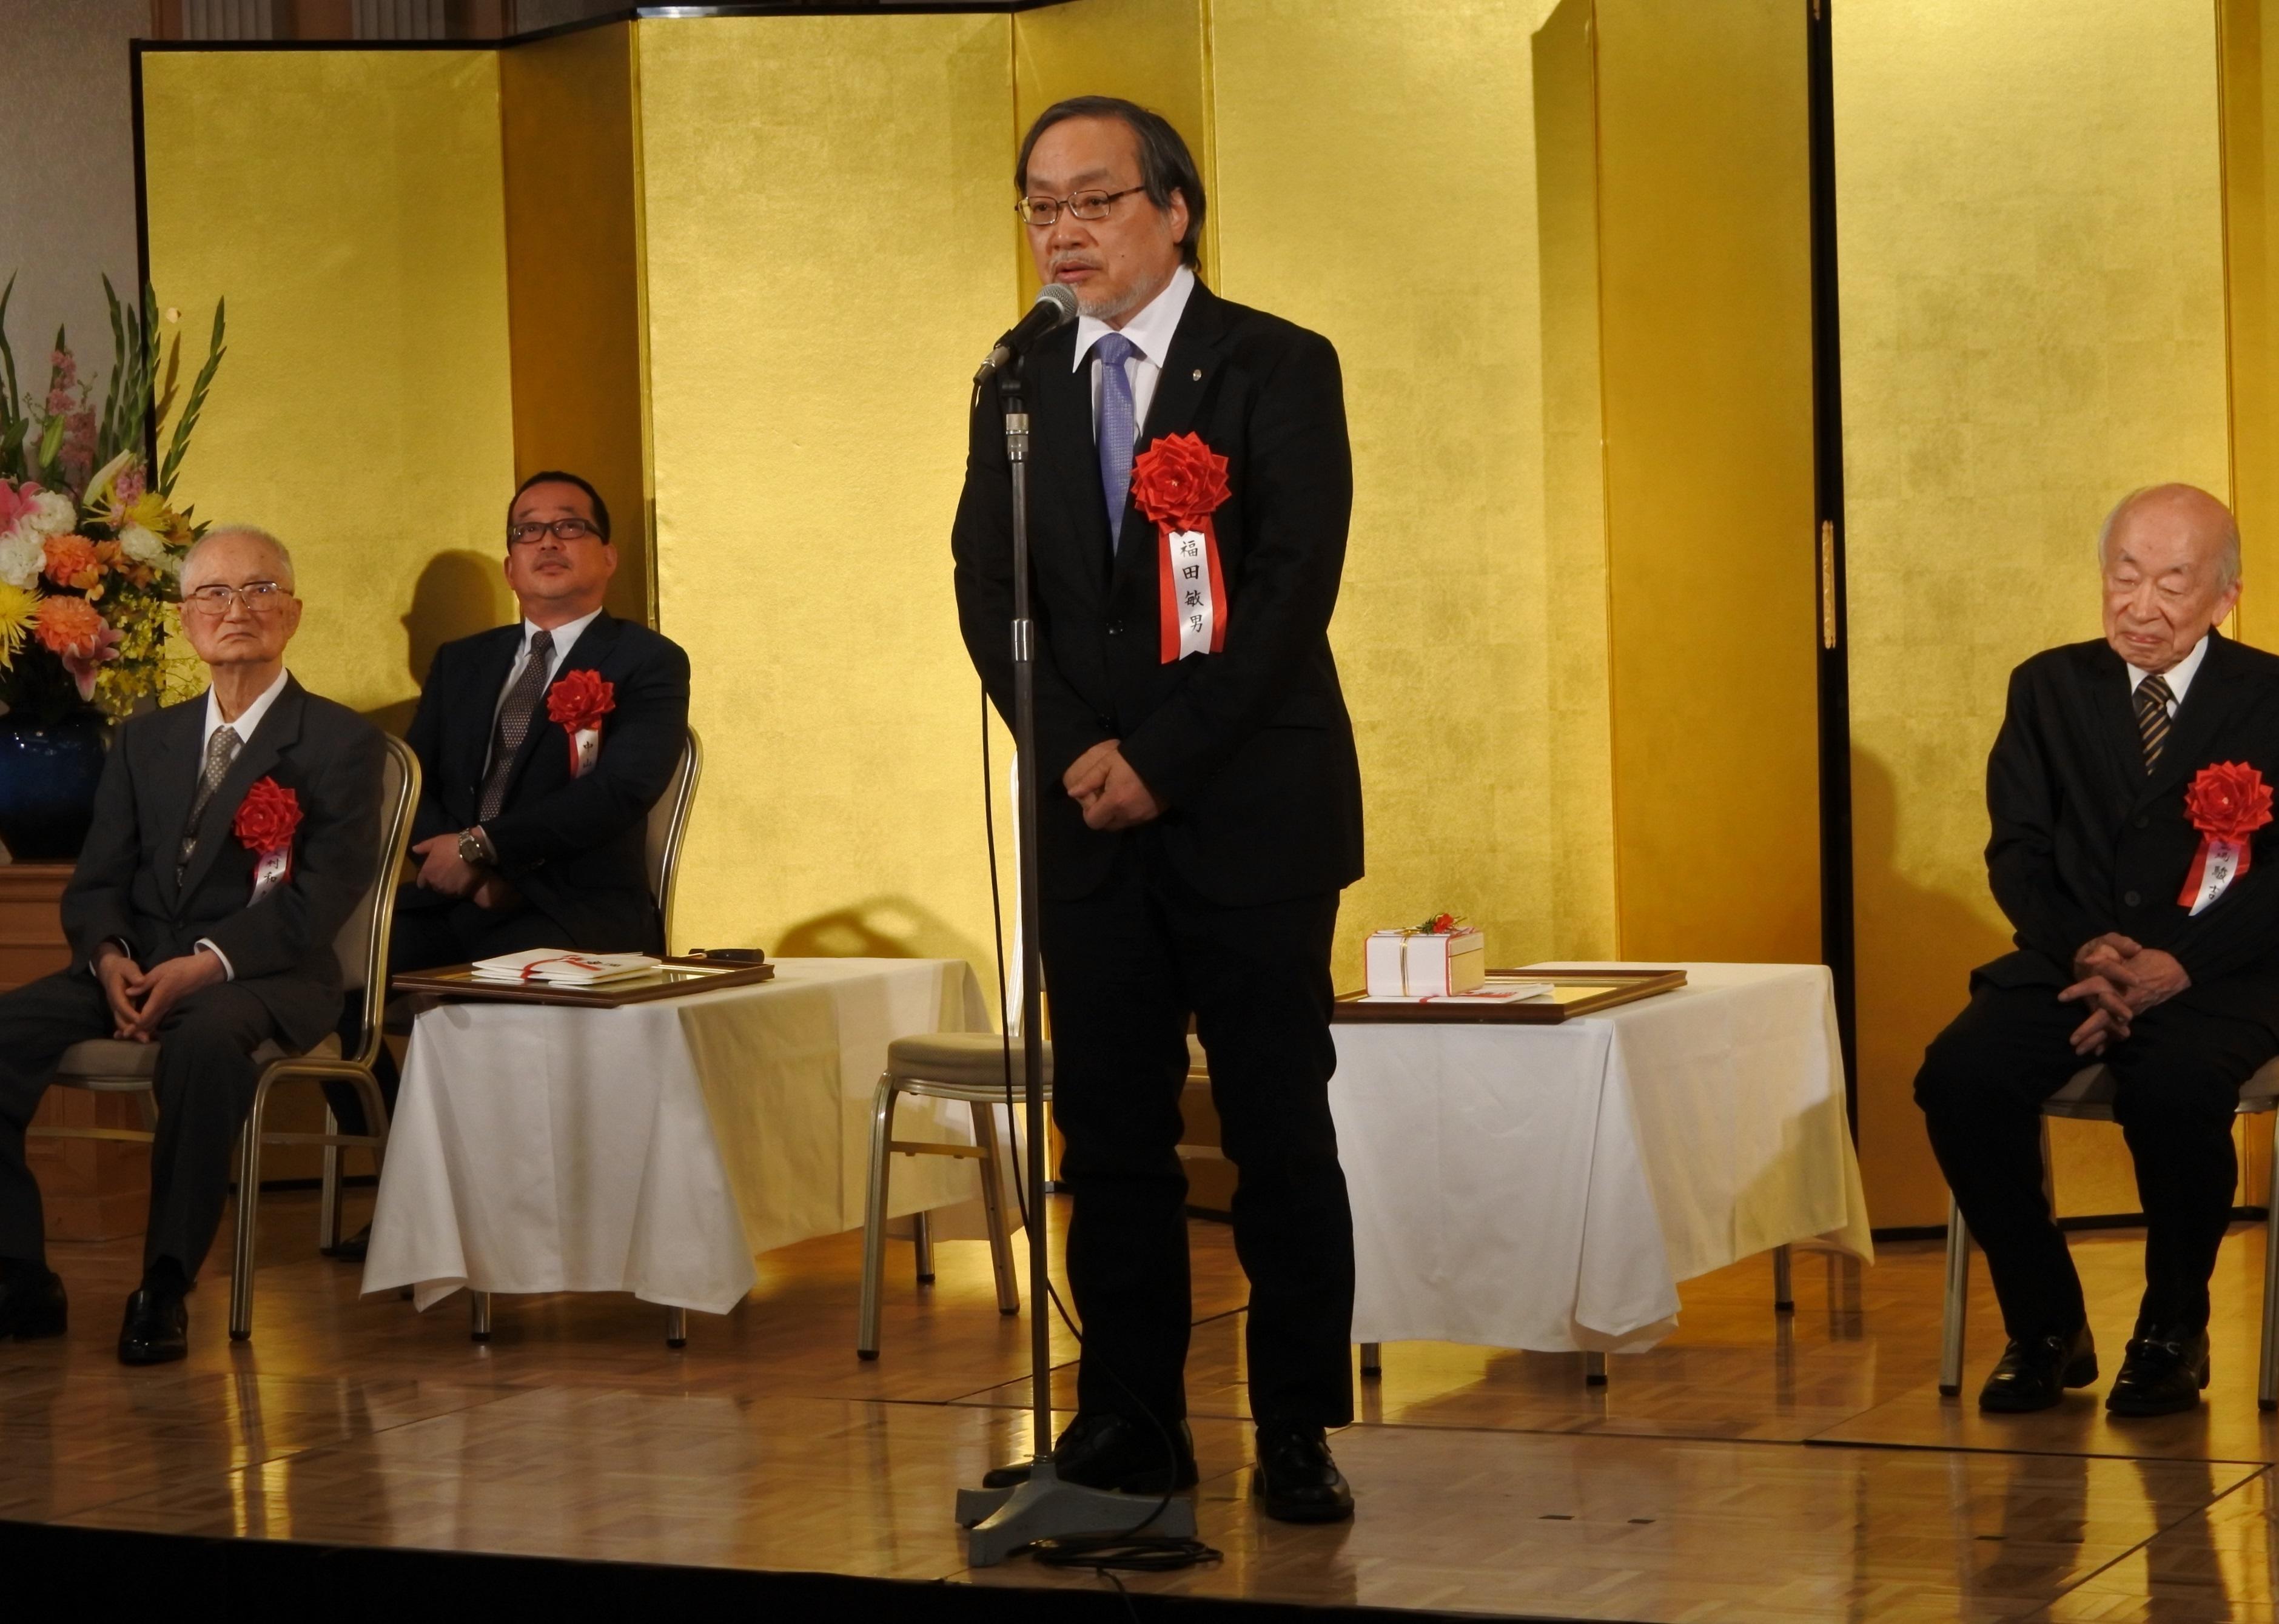 スピーチを行う福田教授